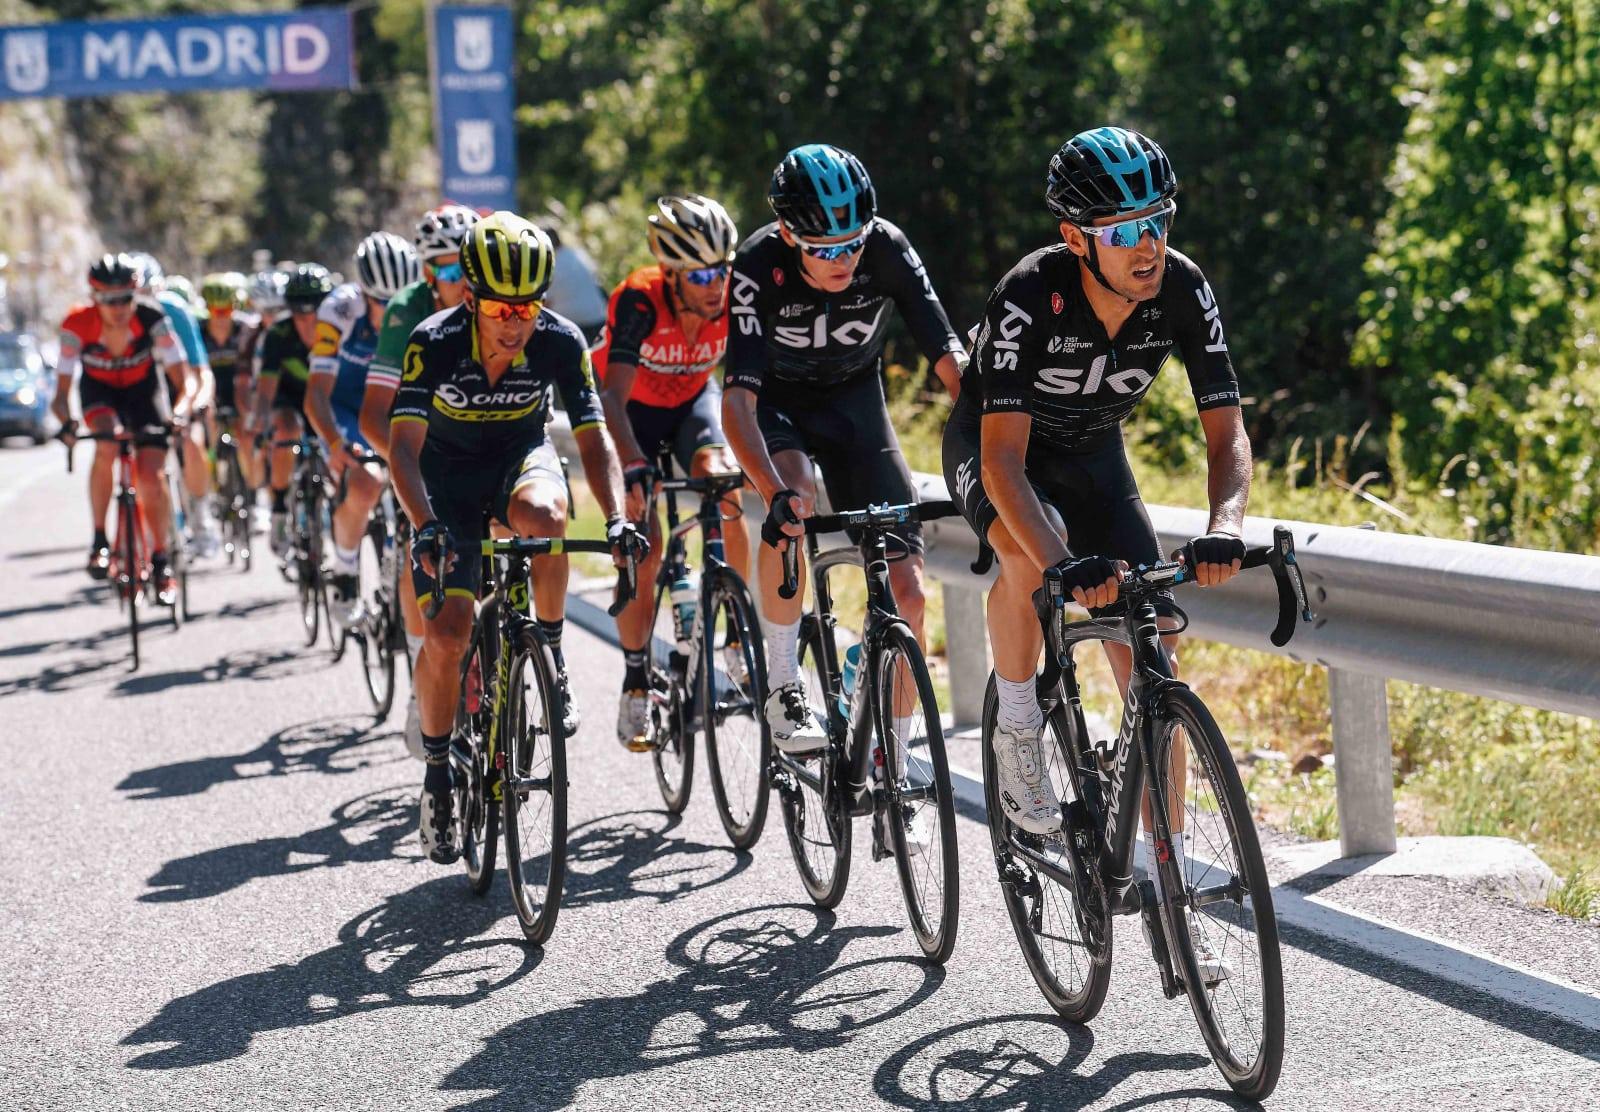 Nieve_Froome_Chaves_Nibali_Vuelta España_2017_03